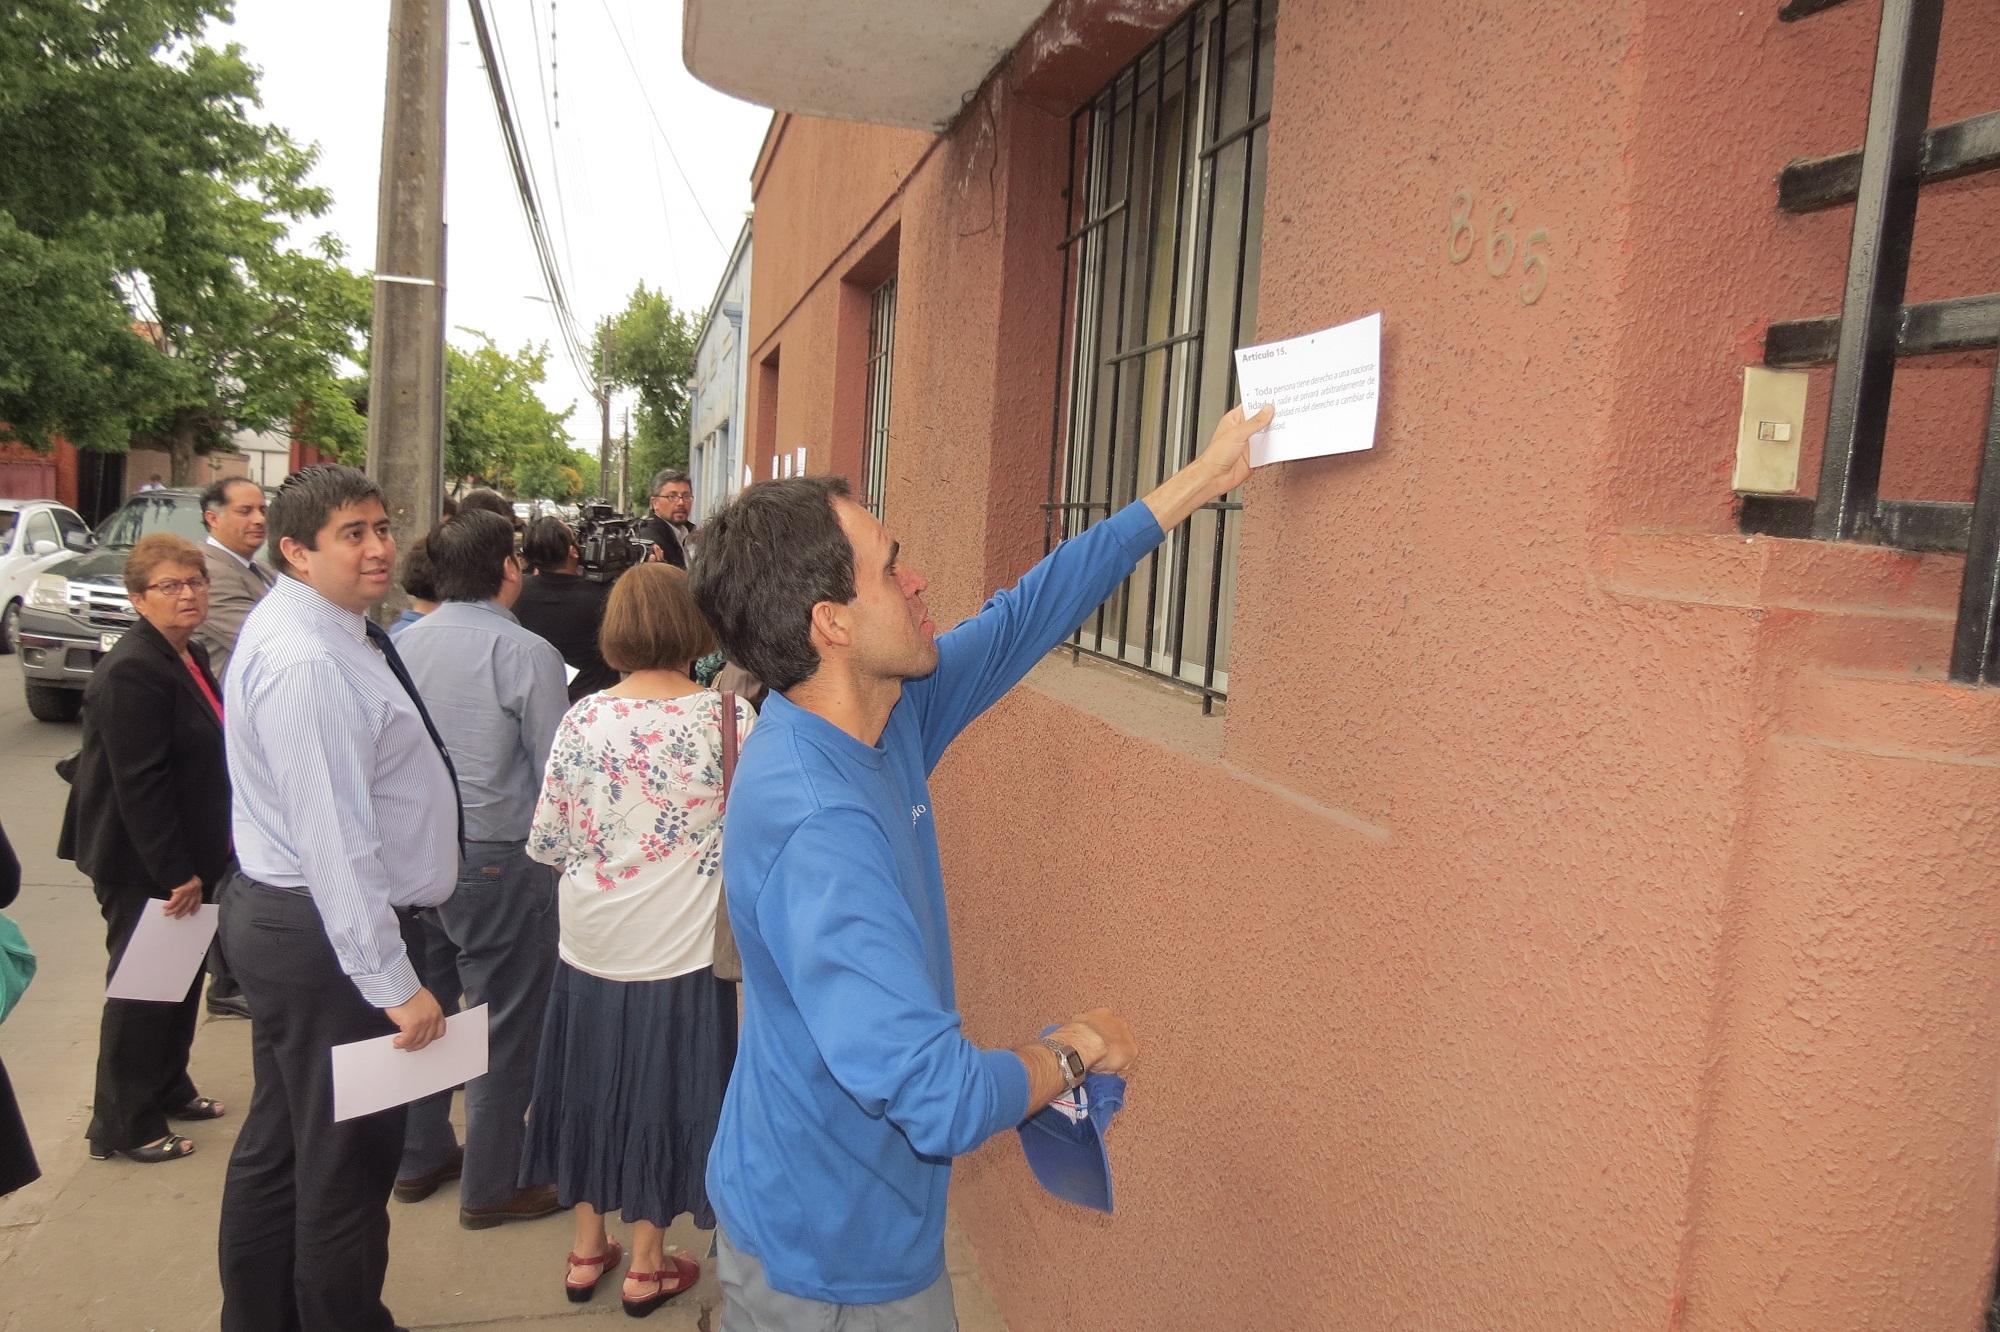 Gobernación de Talca conmemora 68 años de la Declaración de Derechos Humanos